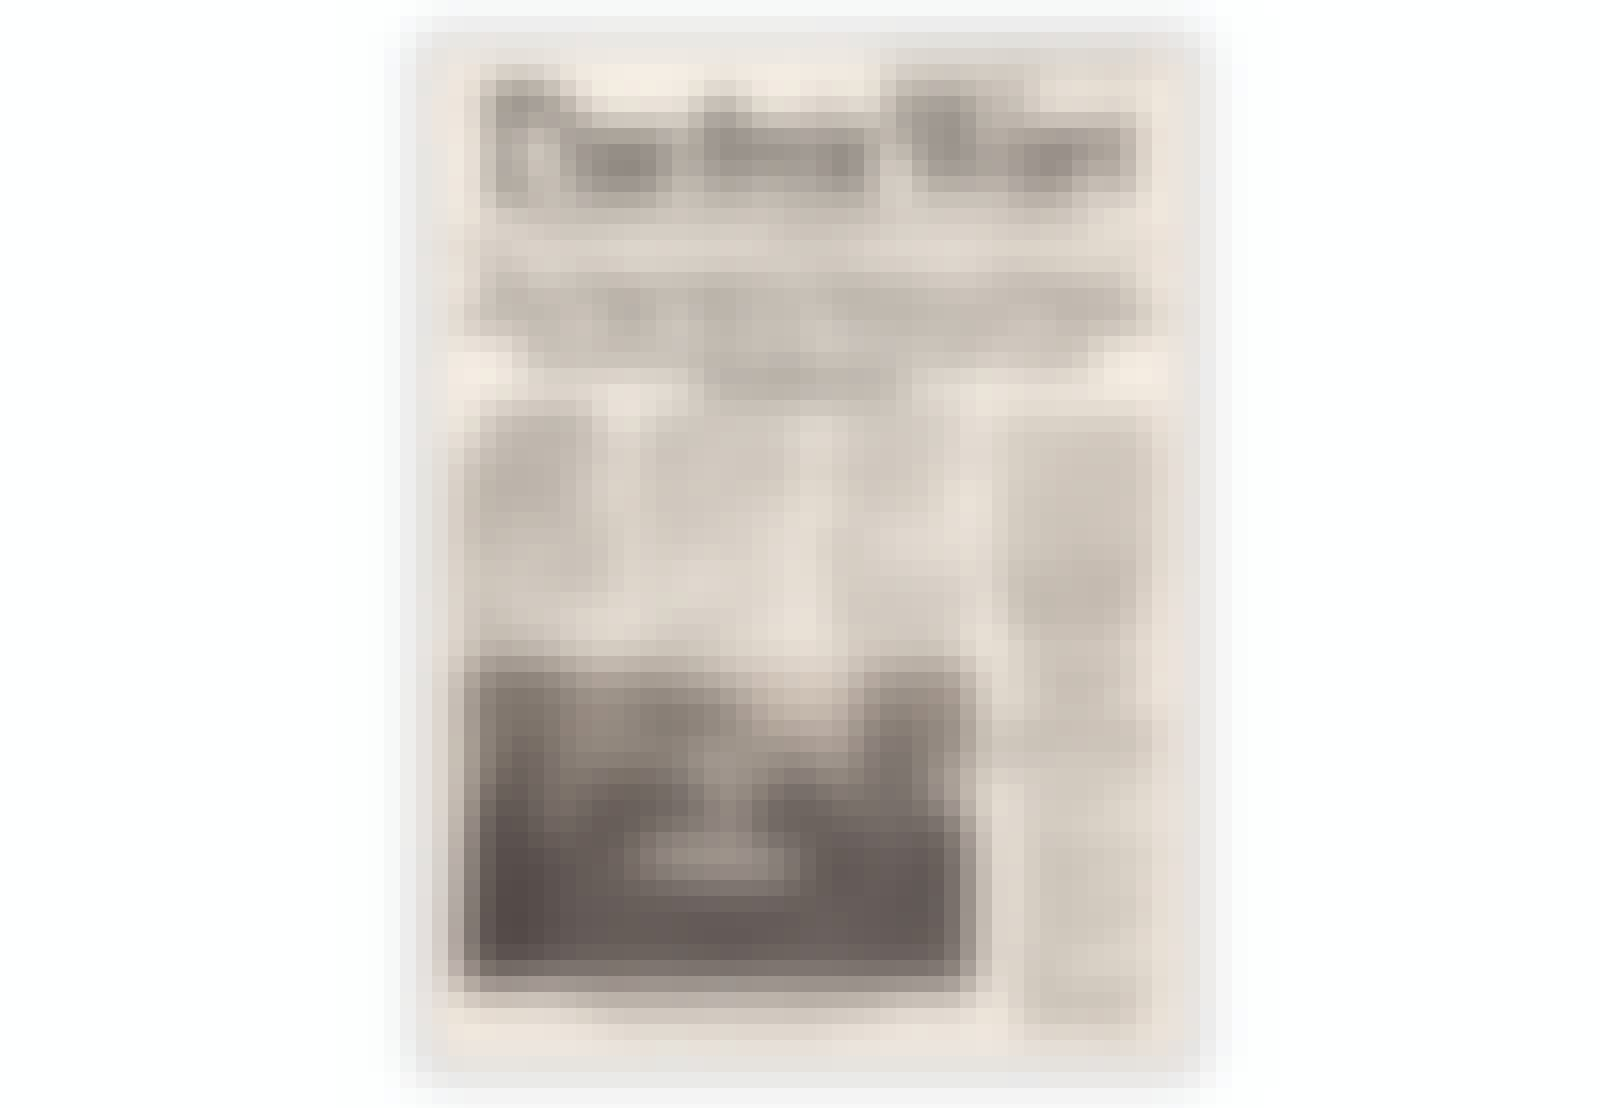 Avis trykket av Sovjetunionen til tyske krigsfanger fra Stalingrad bl.a.